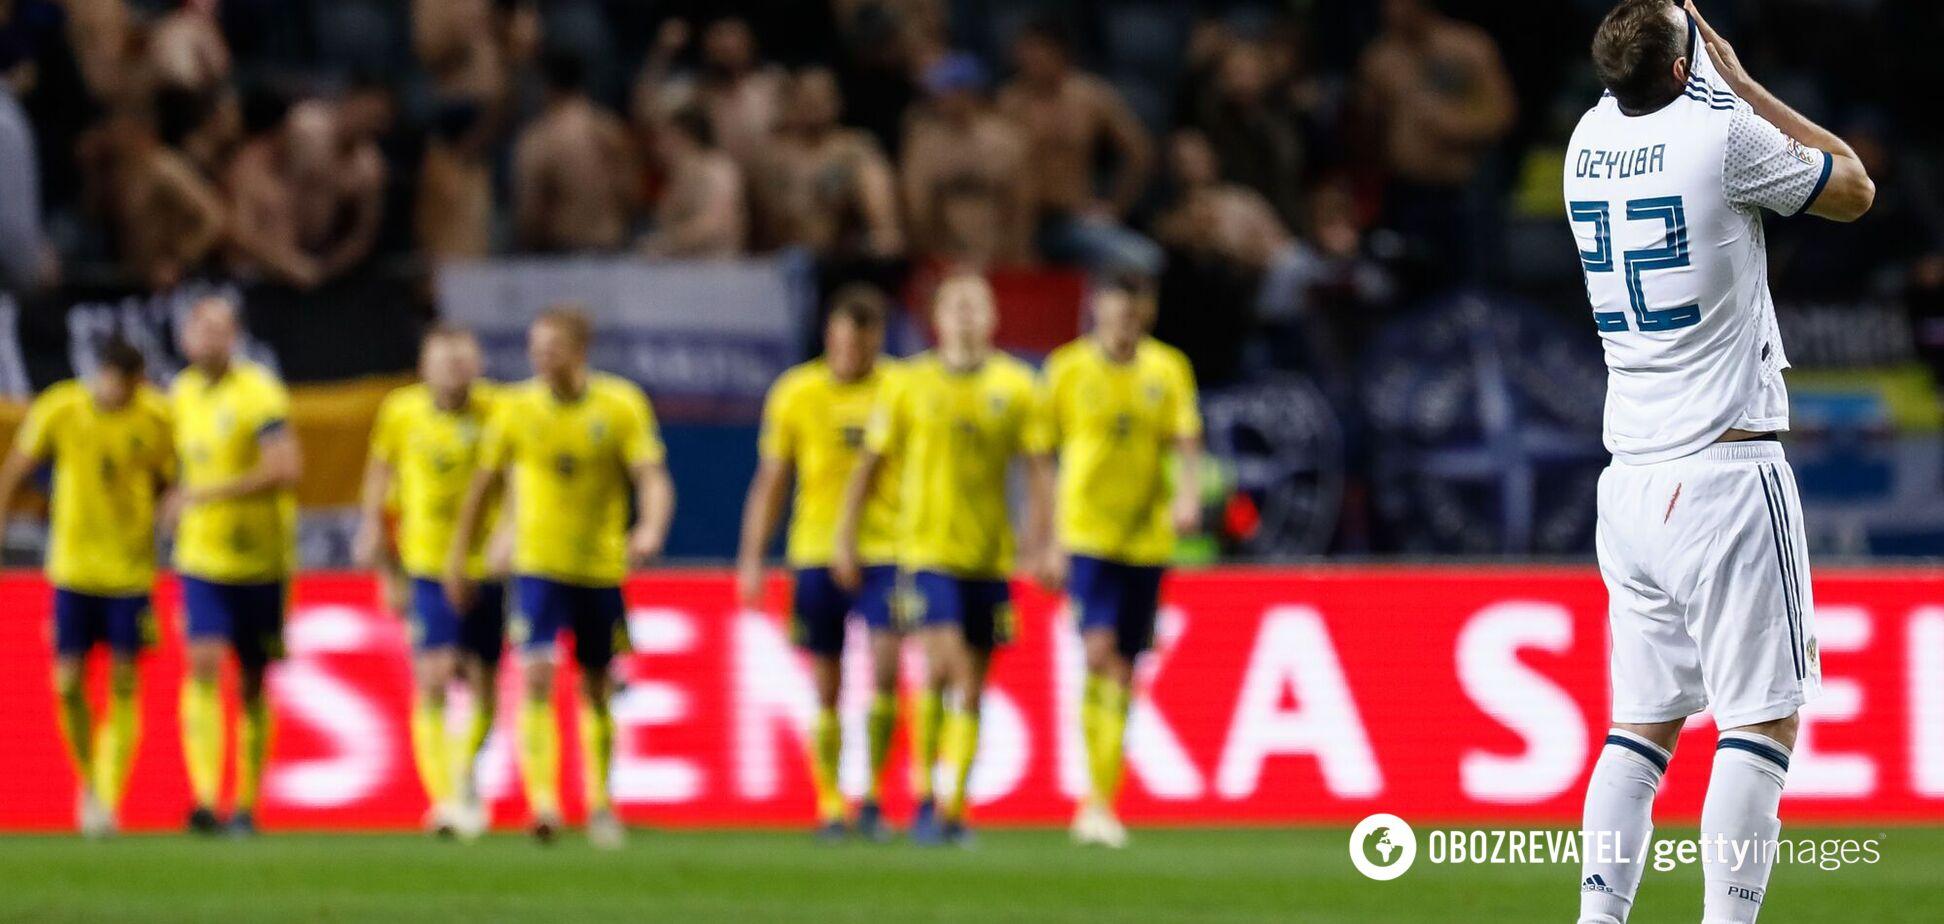 Збірна Росії з футболу програла в Москві. Відео